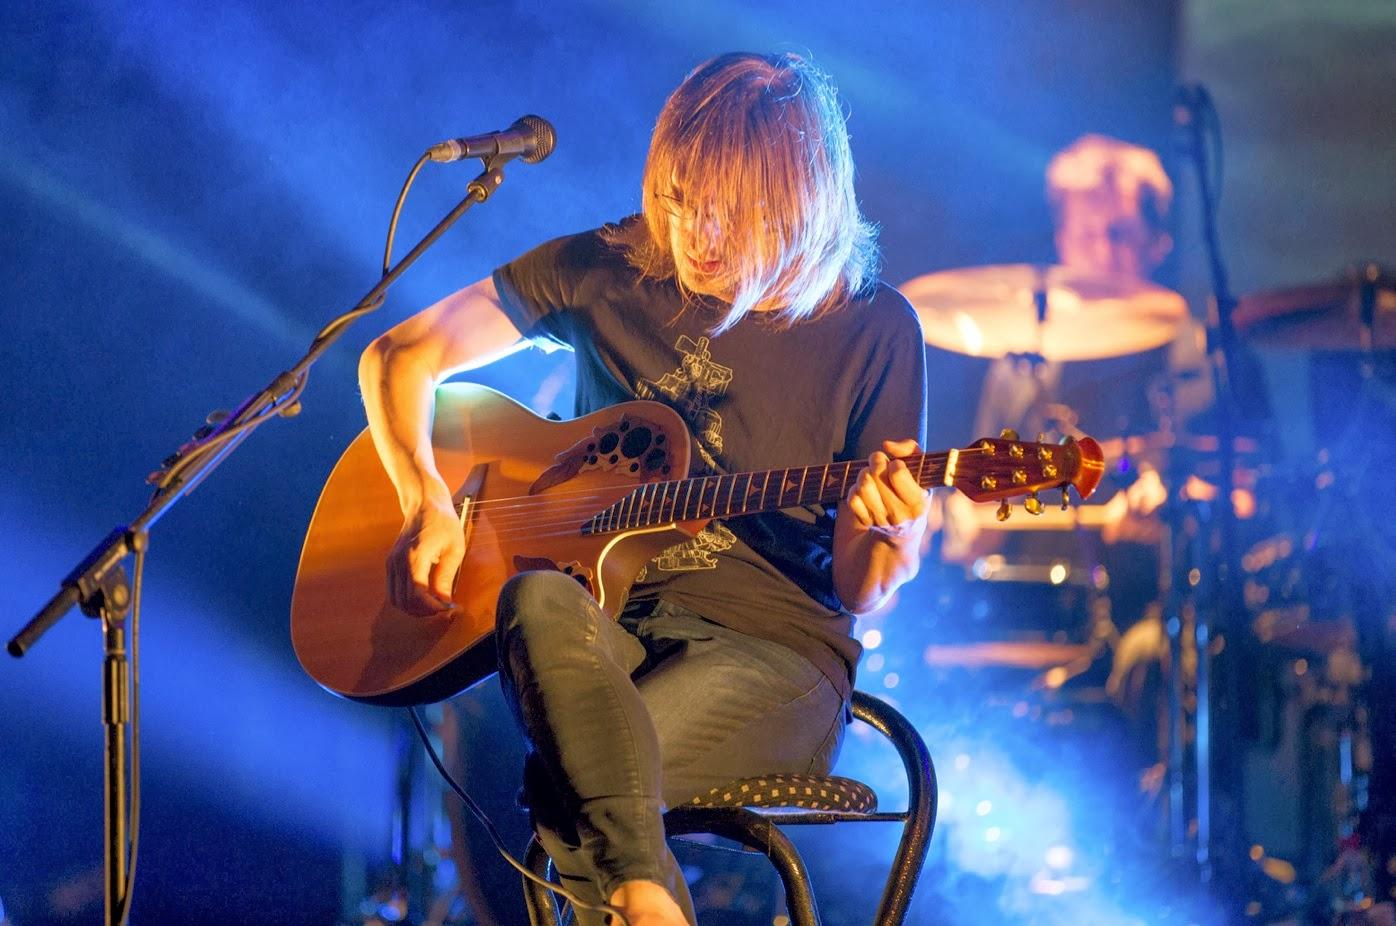 Steven Wilson en una actuación en directo en el Festival de Loreley en 2013